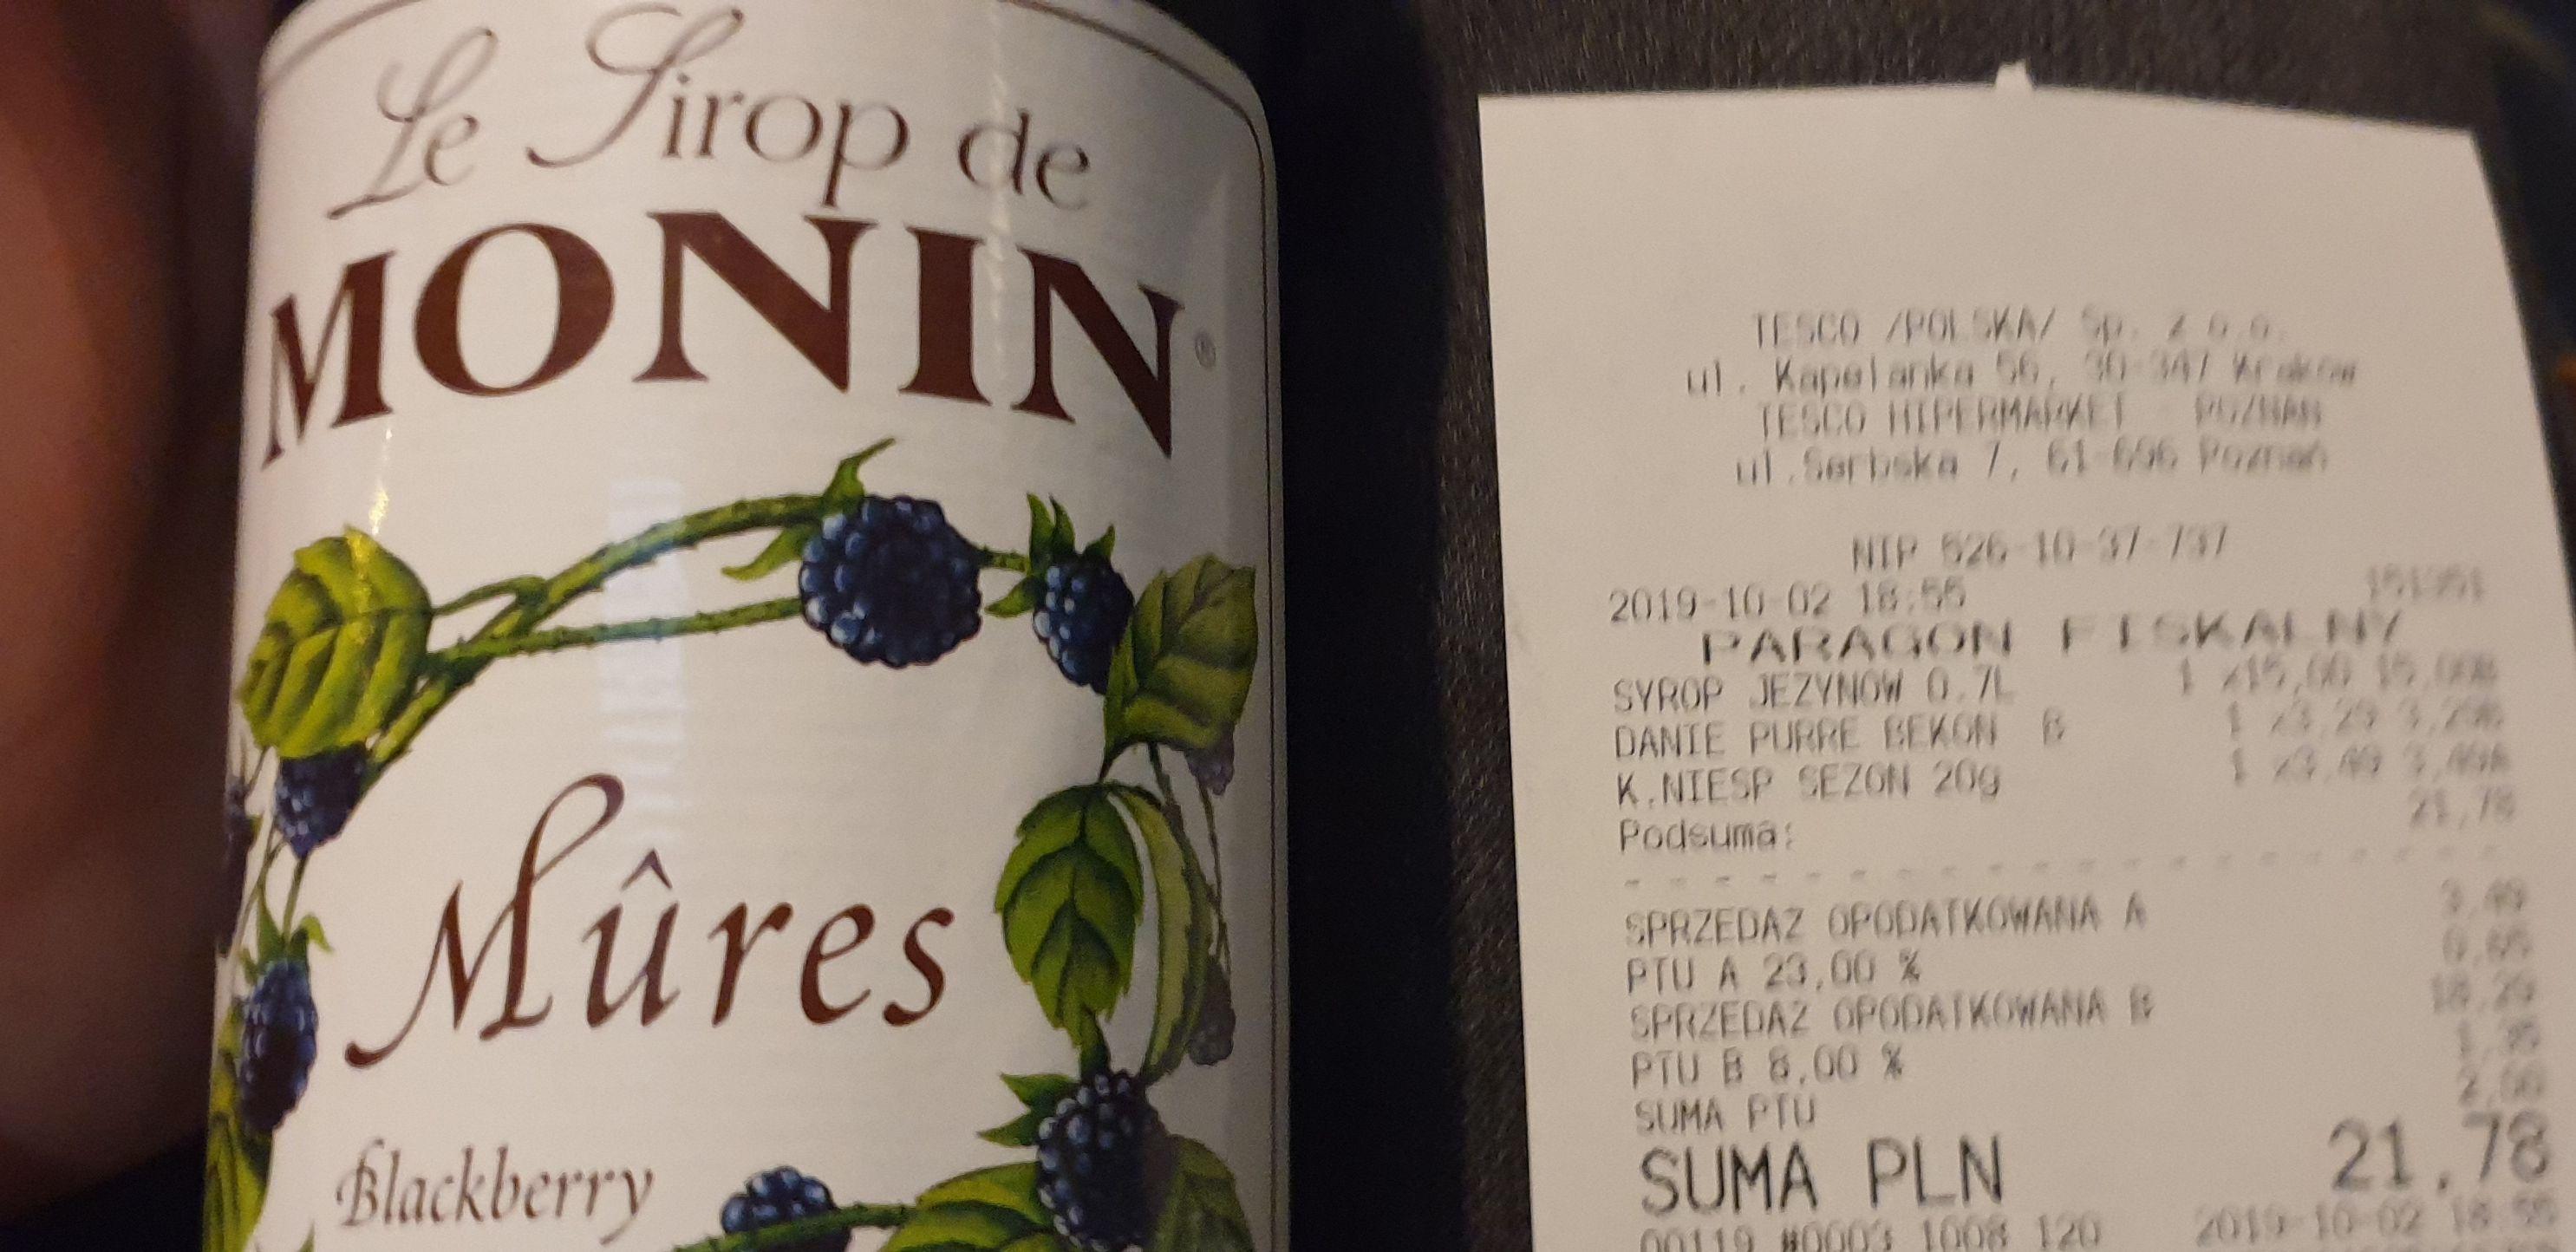 Syrop monin (dwa smaki do wyboru) @ Tesco